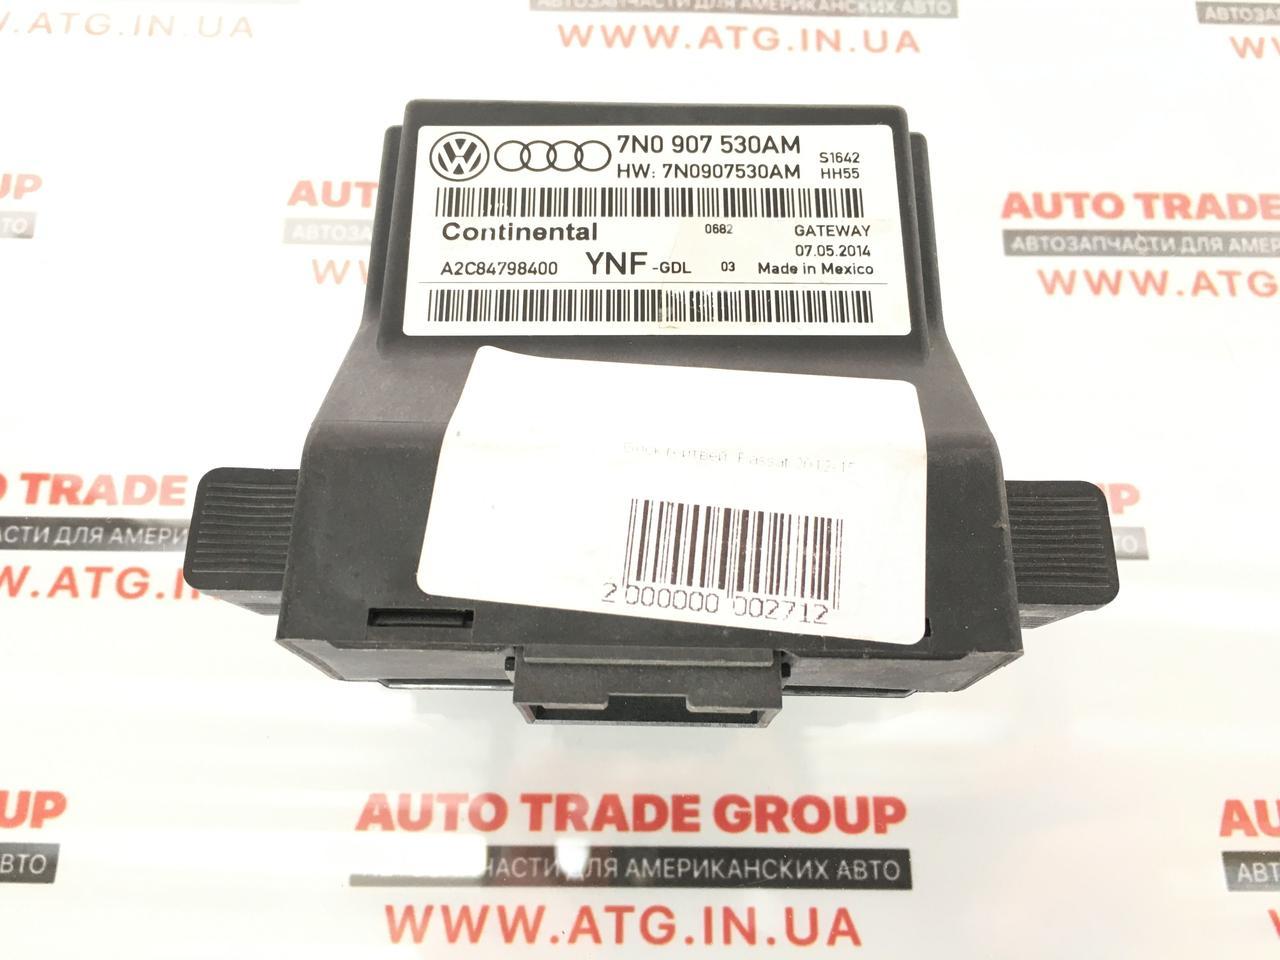 Блок управління міжмережевим інтерфейсом Volkswagen Passat B7 USA 1.8 TSI 2012-2015 7N0907530AR